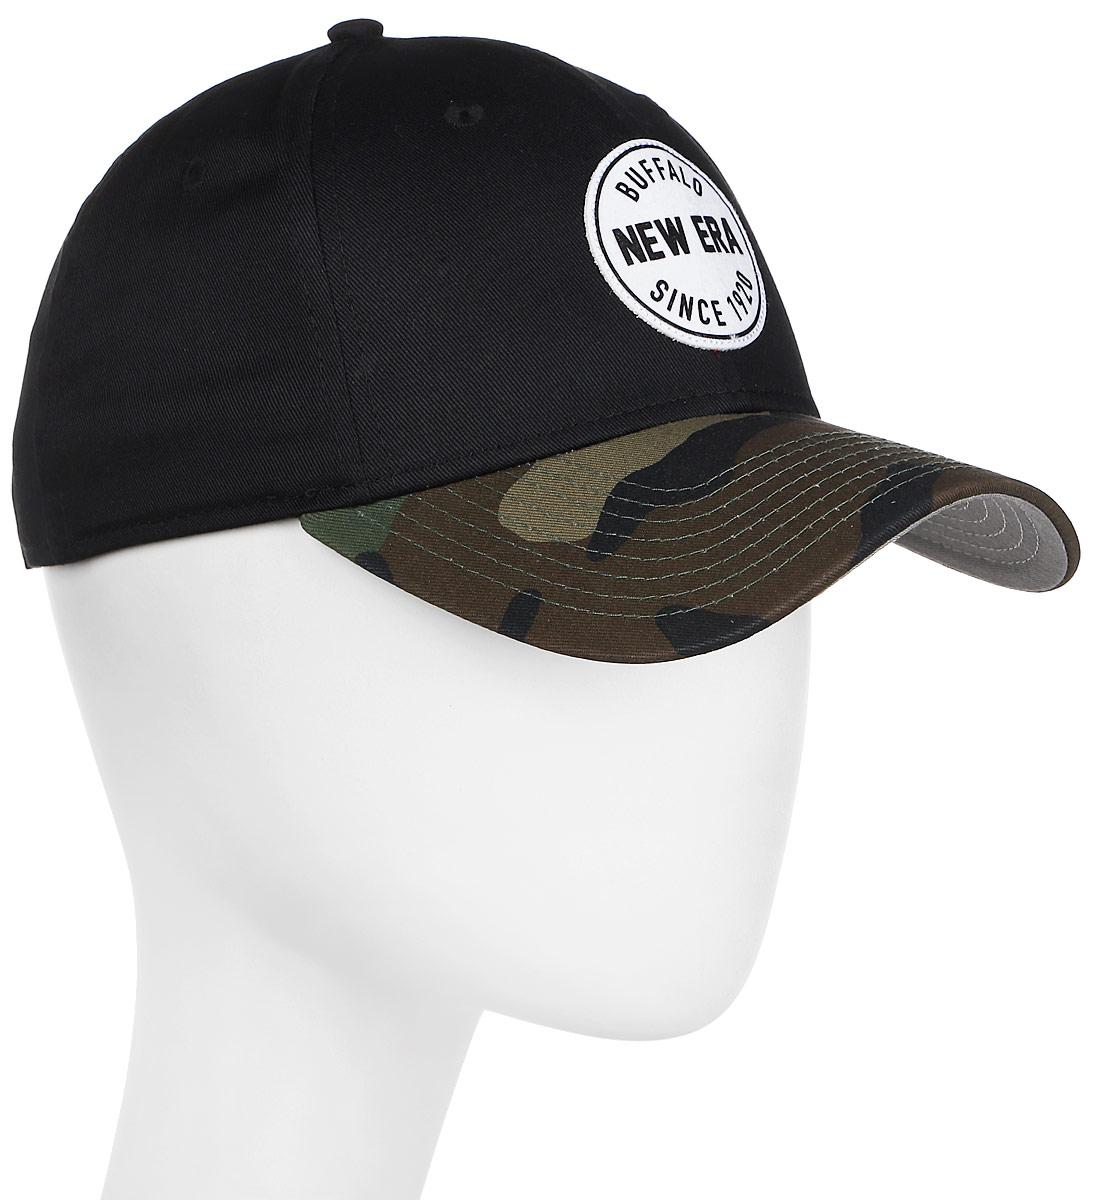 Бейсболка New Era 111Entry 9Forty, цвет: черный, хаки. 11448462-BLK. Размер универсальный11448462-BLKРегулируемая бейсболка модели 9Forty c патчем New Era и логотипом New Era. Застёжка выполнена из липучки.